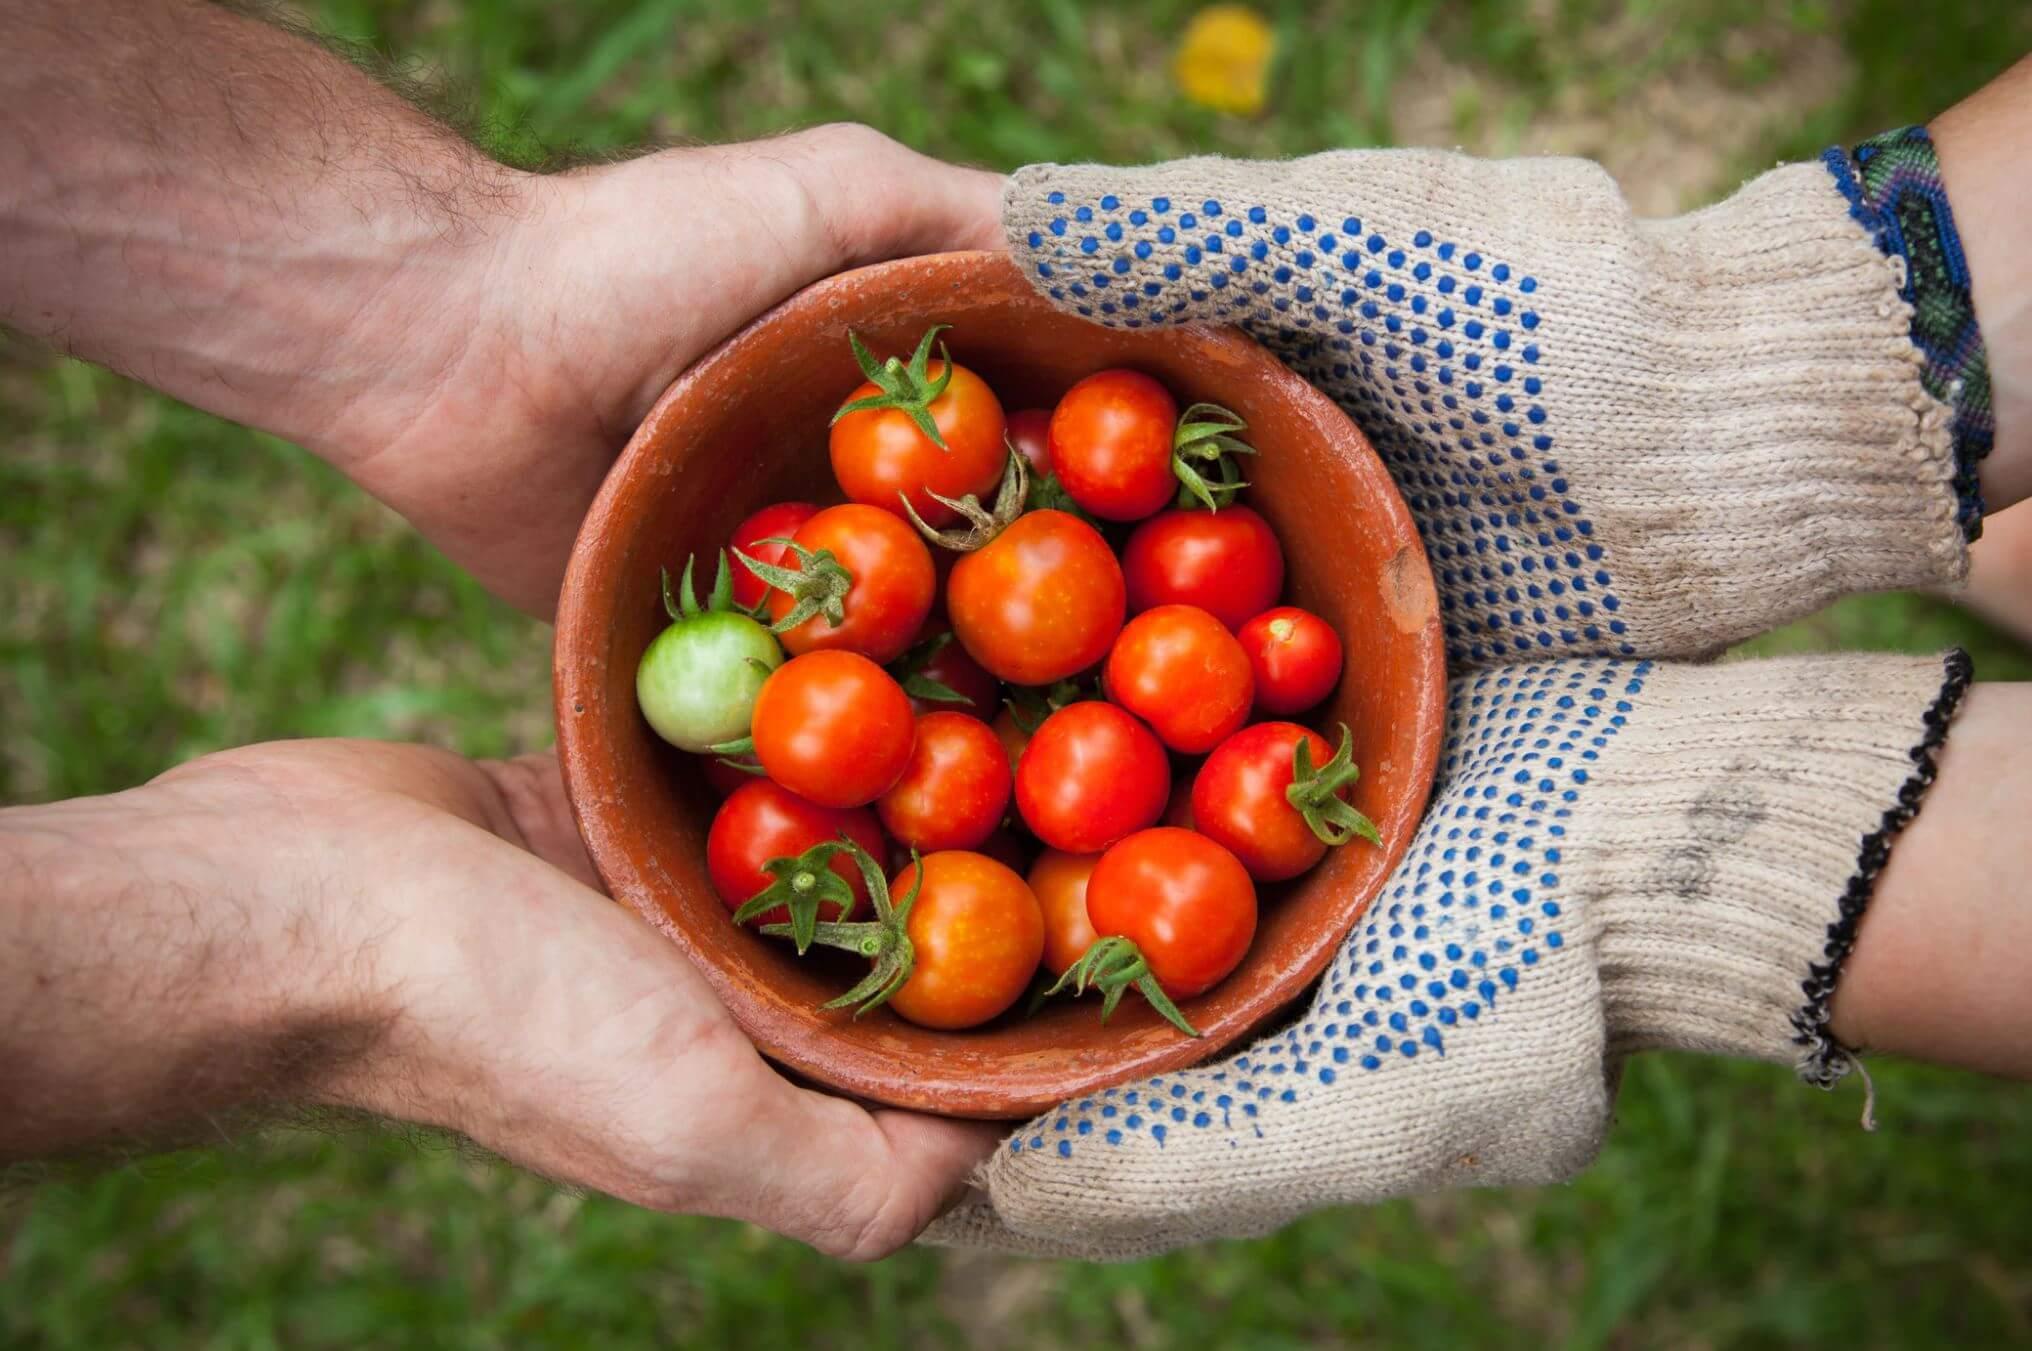 agricoltura sostenibile